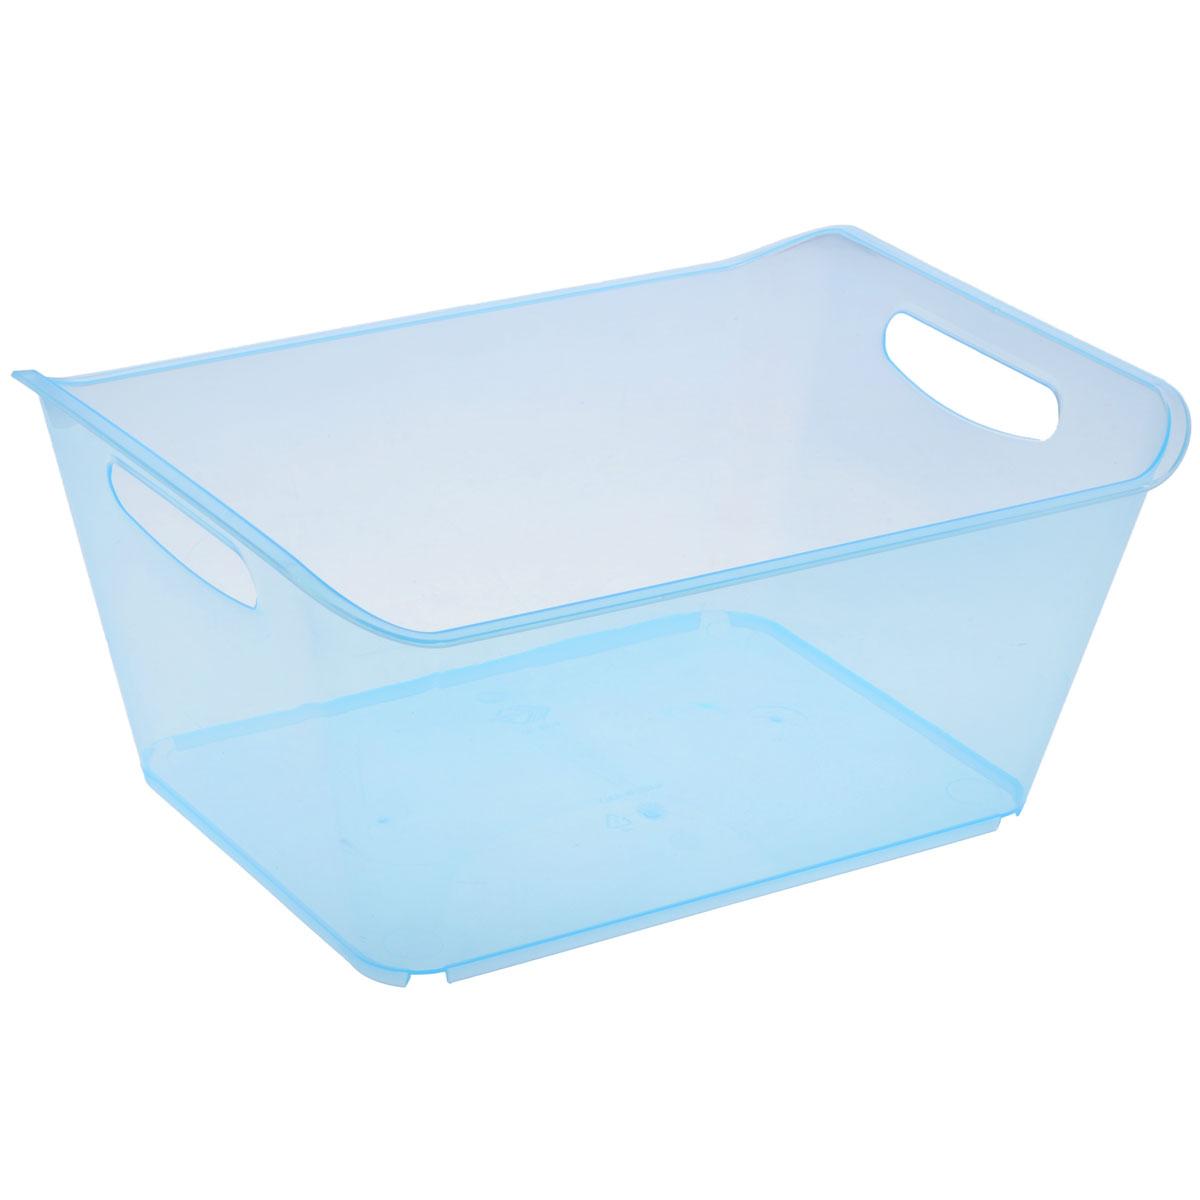 Контейнер Gensini, цвет: голубой, 10 л3332_голубойКонтейнер Gensini выполнен из прочного пластика. Он предназначен для хранения различных мелких вещей в ванной, на кухне, даче или гараже, исключая возможность их потери. По бокам контейнера предусмотрены две удобные ручки для его переноски. Контейнер поможет хранить все в одном месте, а также защитить вещи от пыли, грязи и влаги. Объем: 10 л.